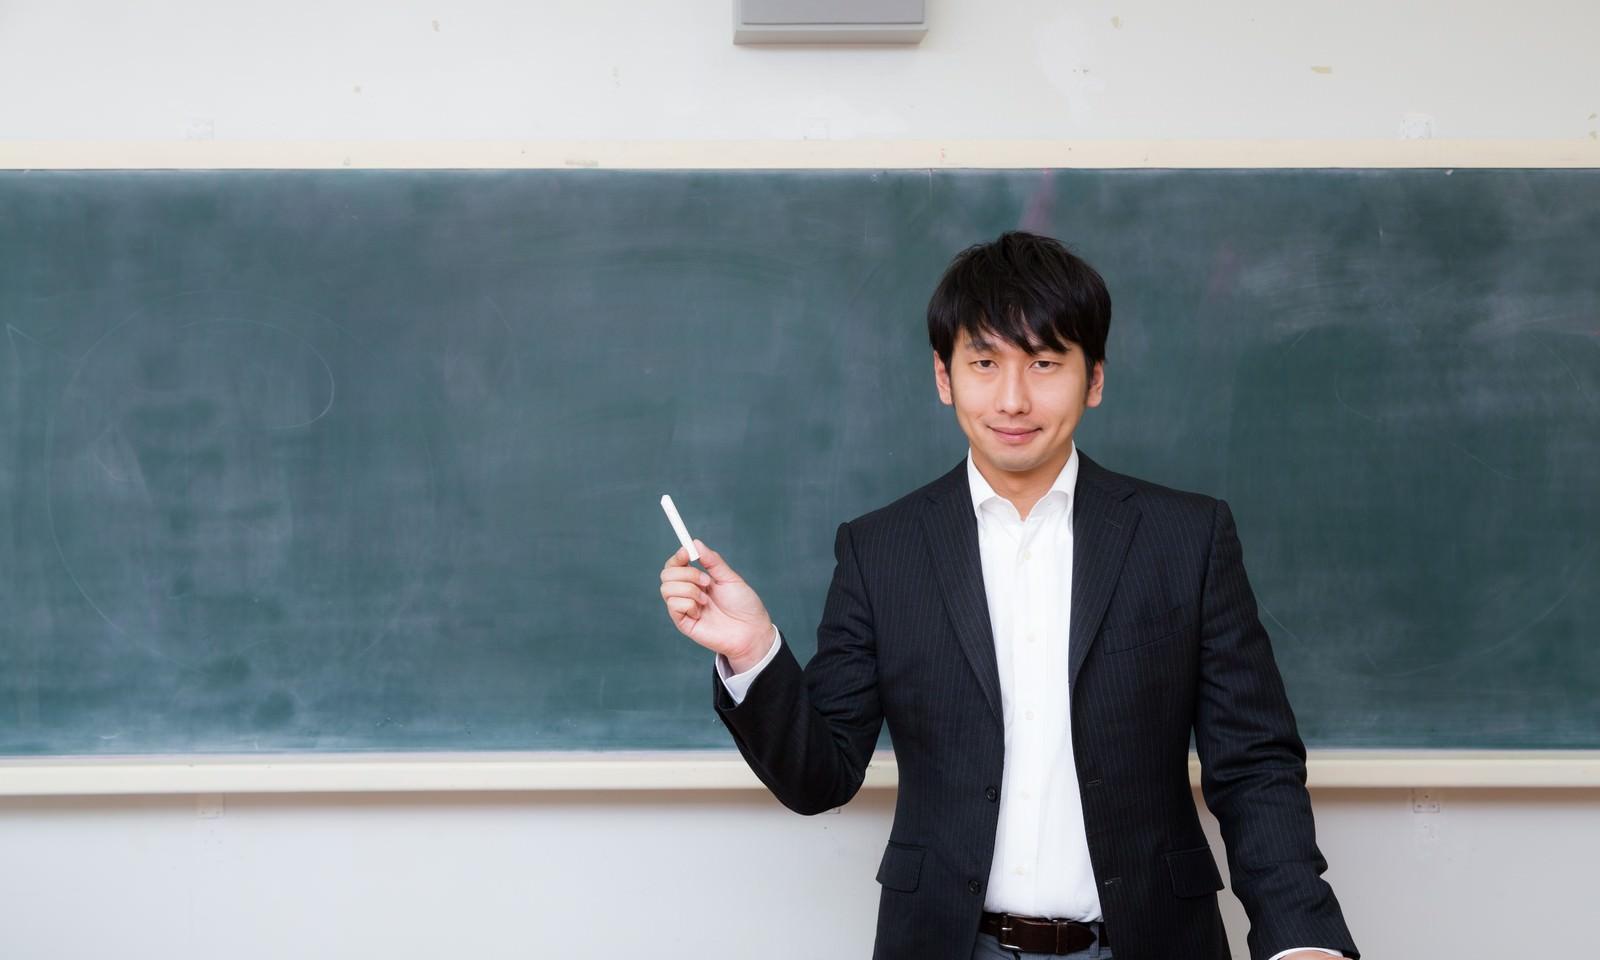 「黒板の前で自己紹介をする新任教師黒板の前で自己紹介をする新任教師」[モデル:大川竜弥]のフリー写真素材を拡大